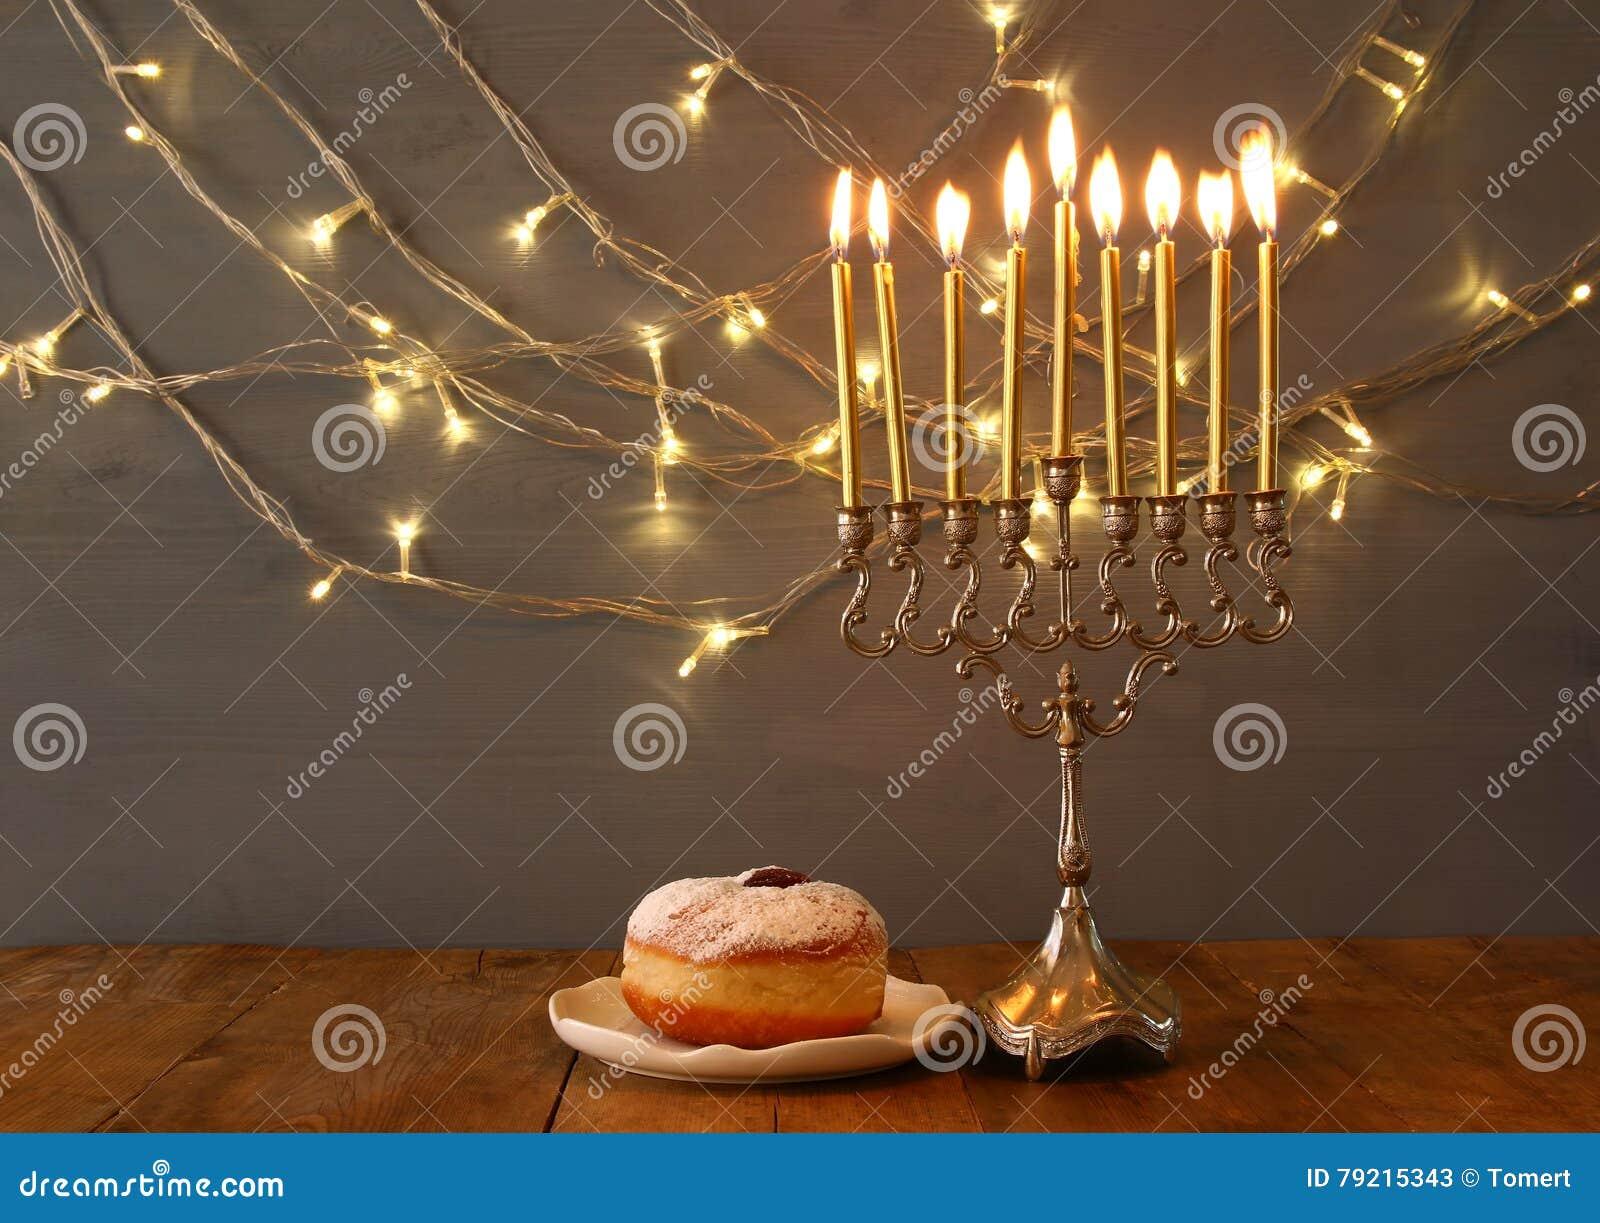 Низкое ключевое изображение еврейского праздника Хануки